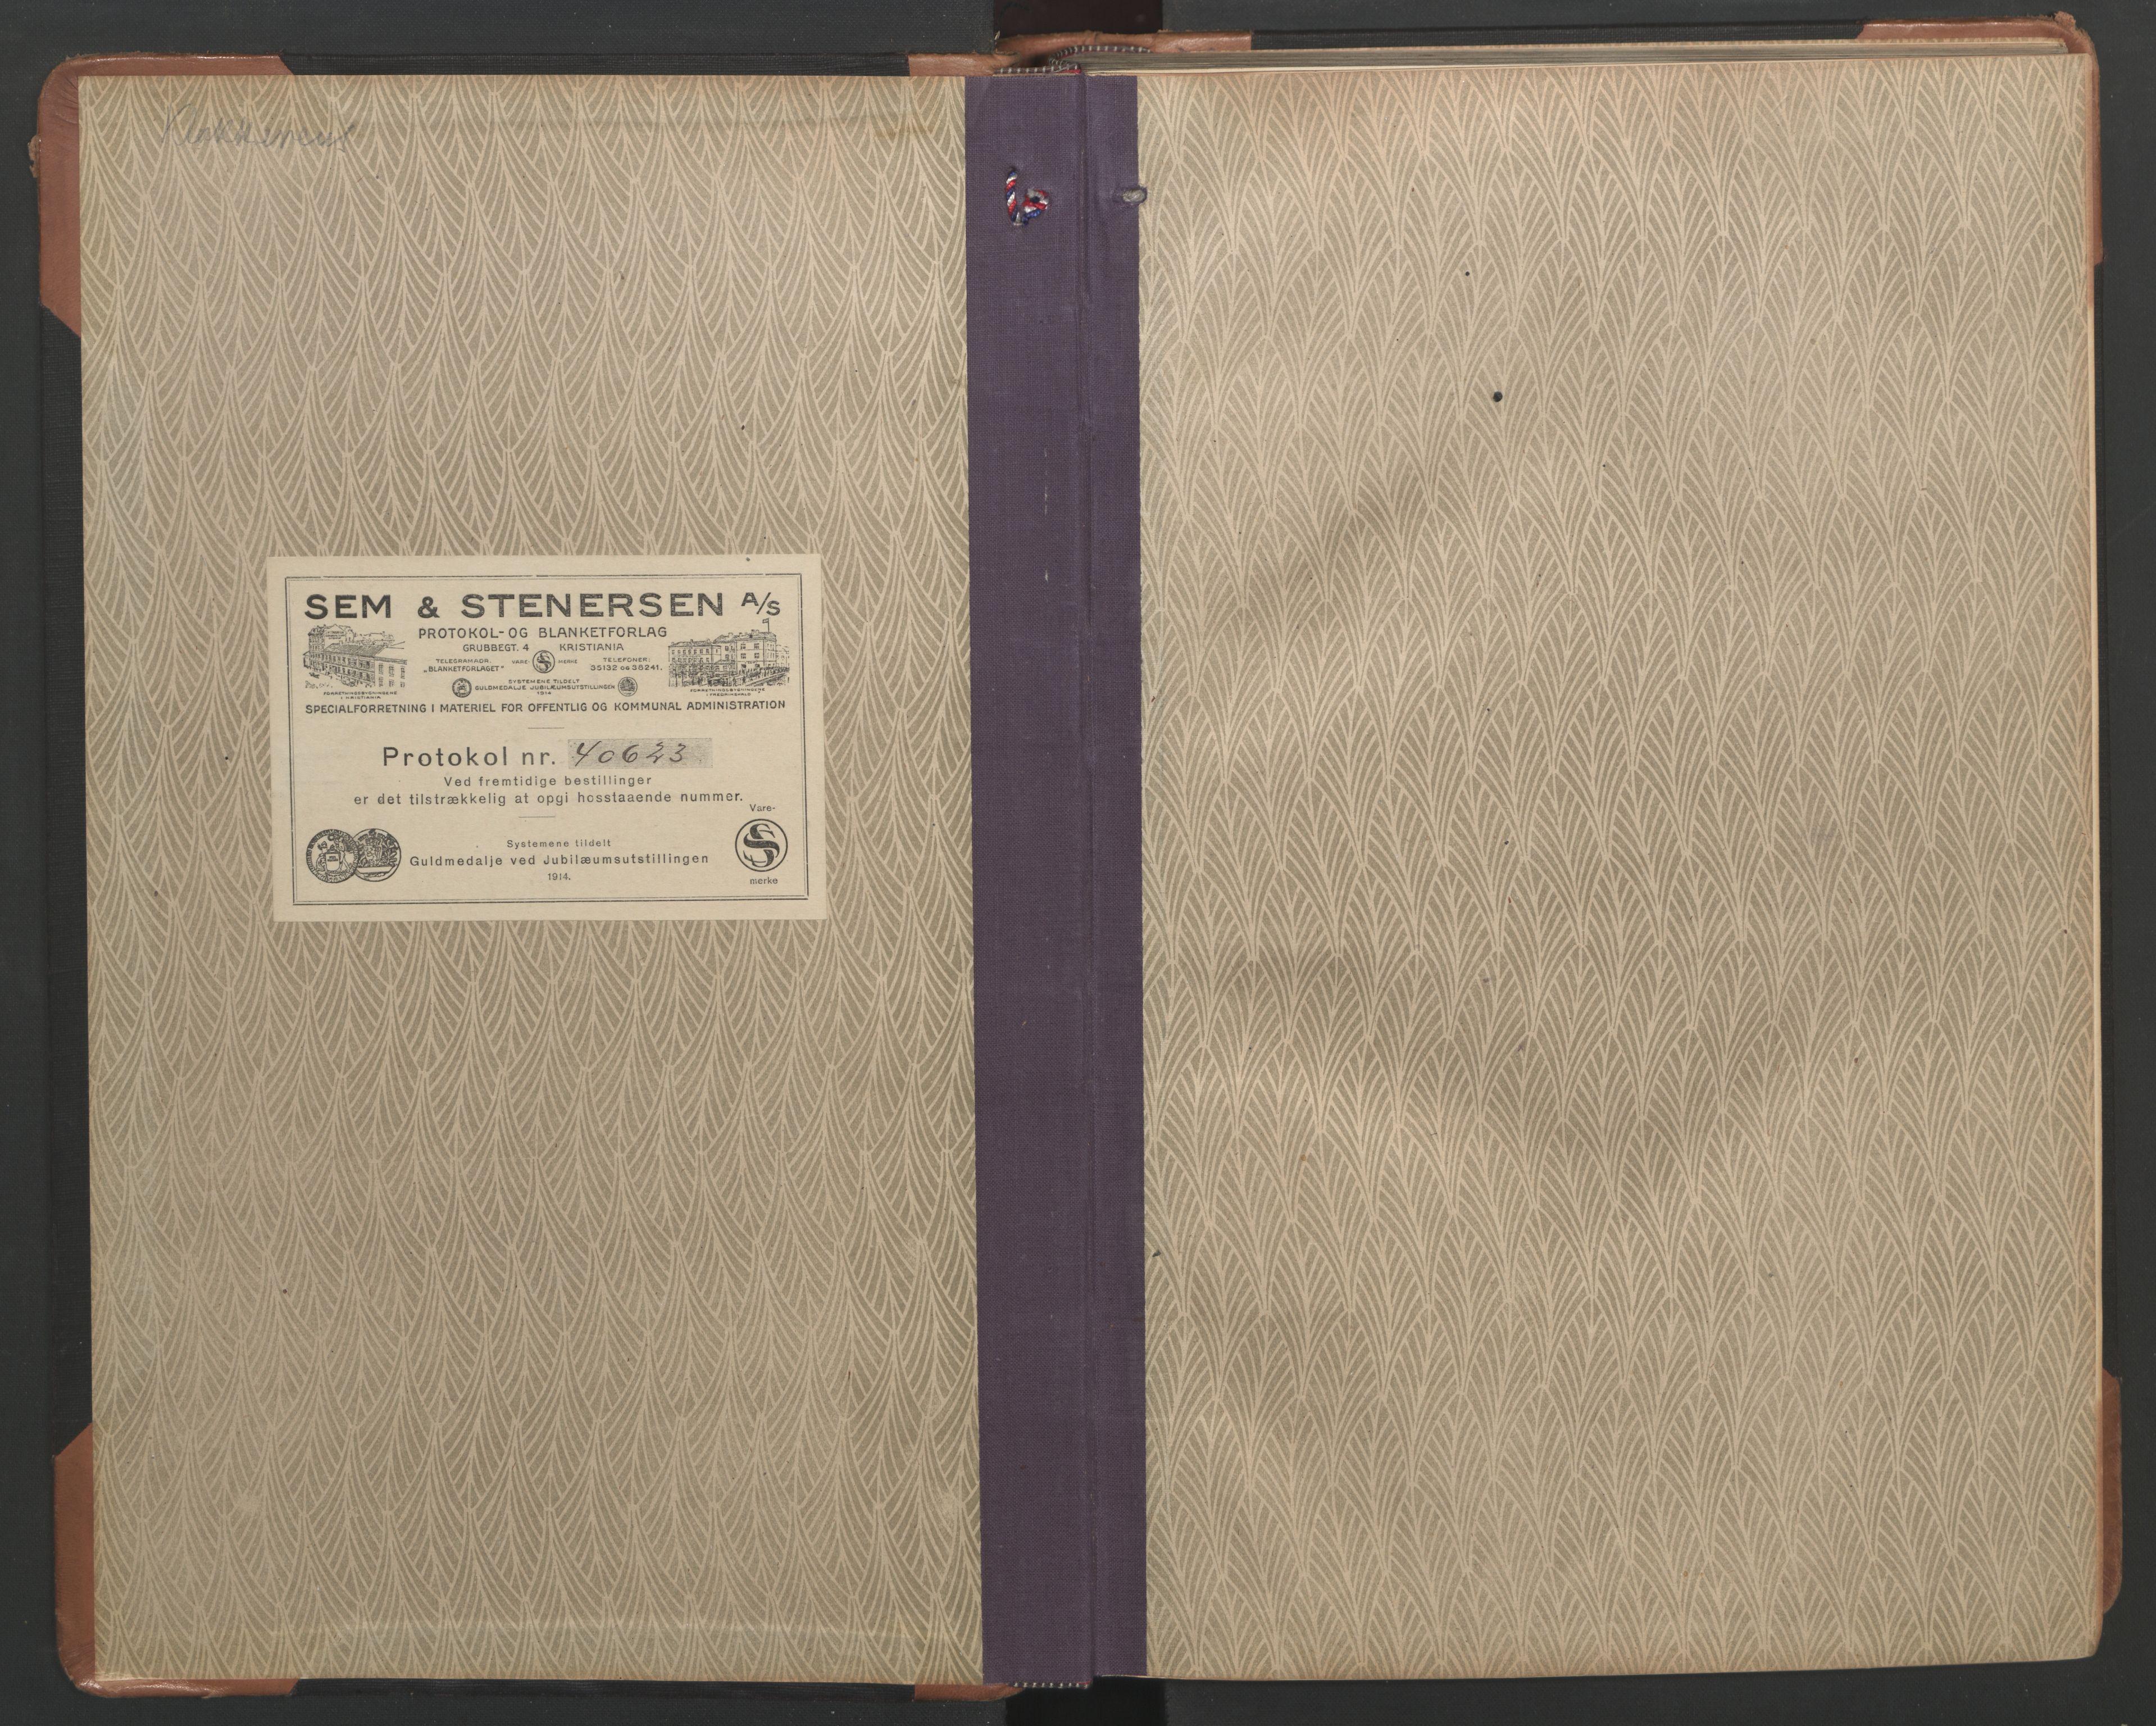 SAT, Ministerialprotokoller, klokkerbøker og fødselsregistre - Sør-Trøndelag, 602/L0150: Klokkerbok nr. 602C18, 1922-1949